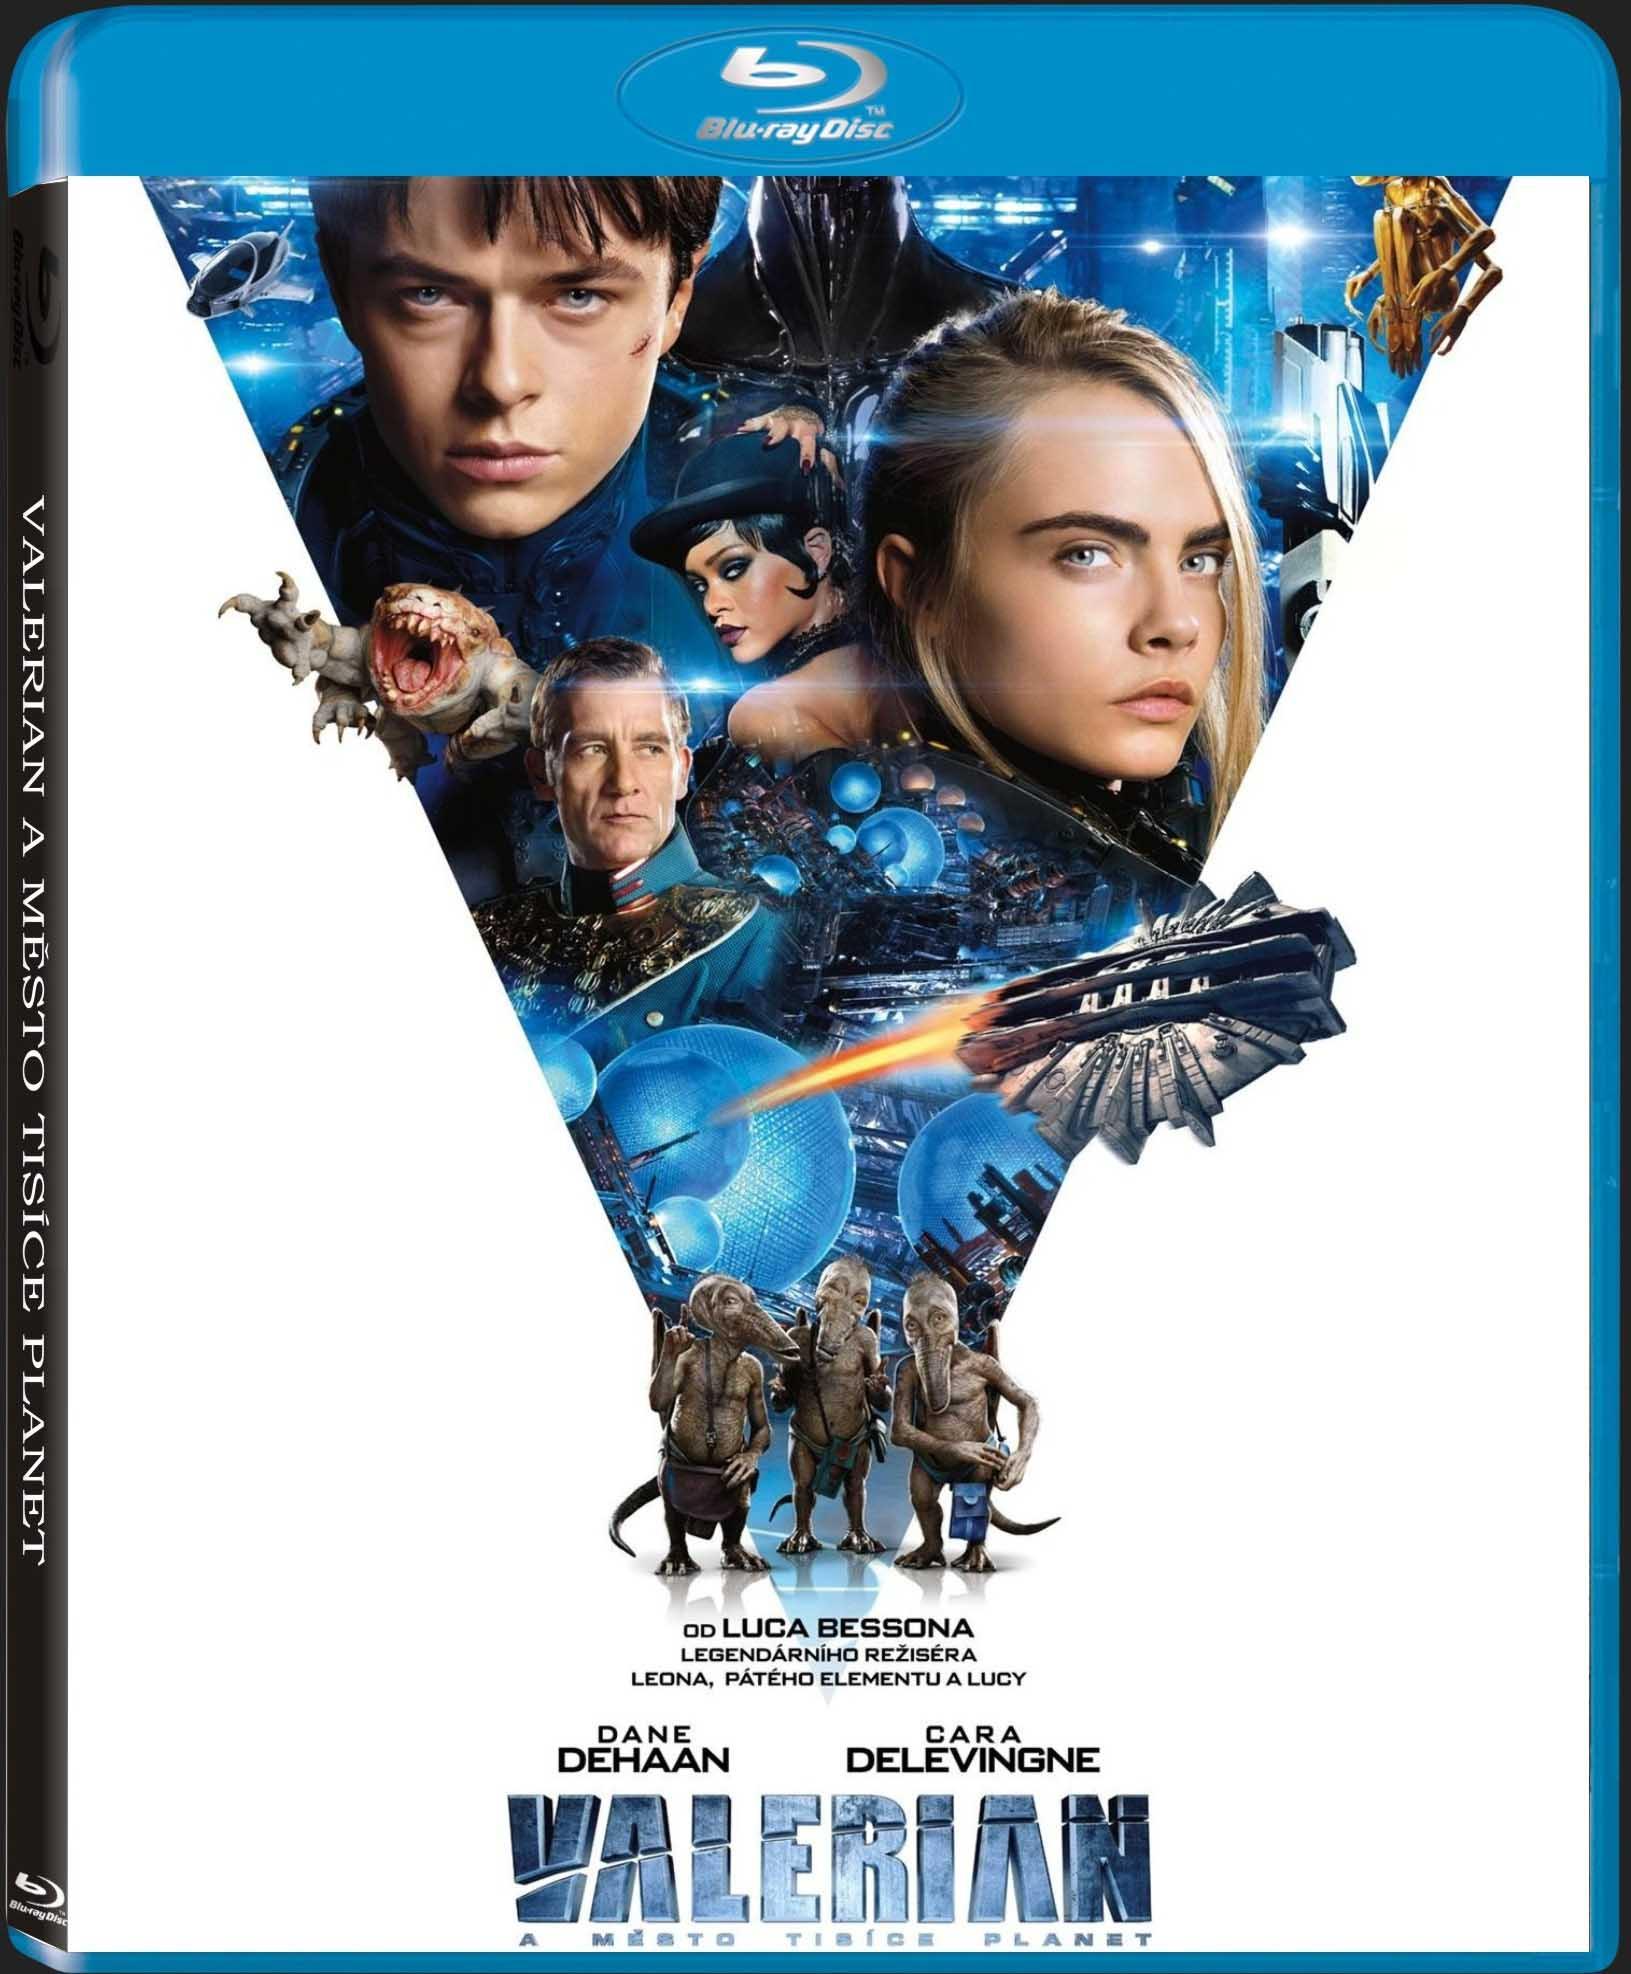 VALERIAN A MĚSTO TISÍCE PLANET - Blu-ray